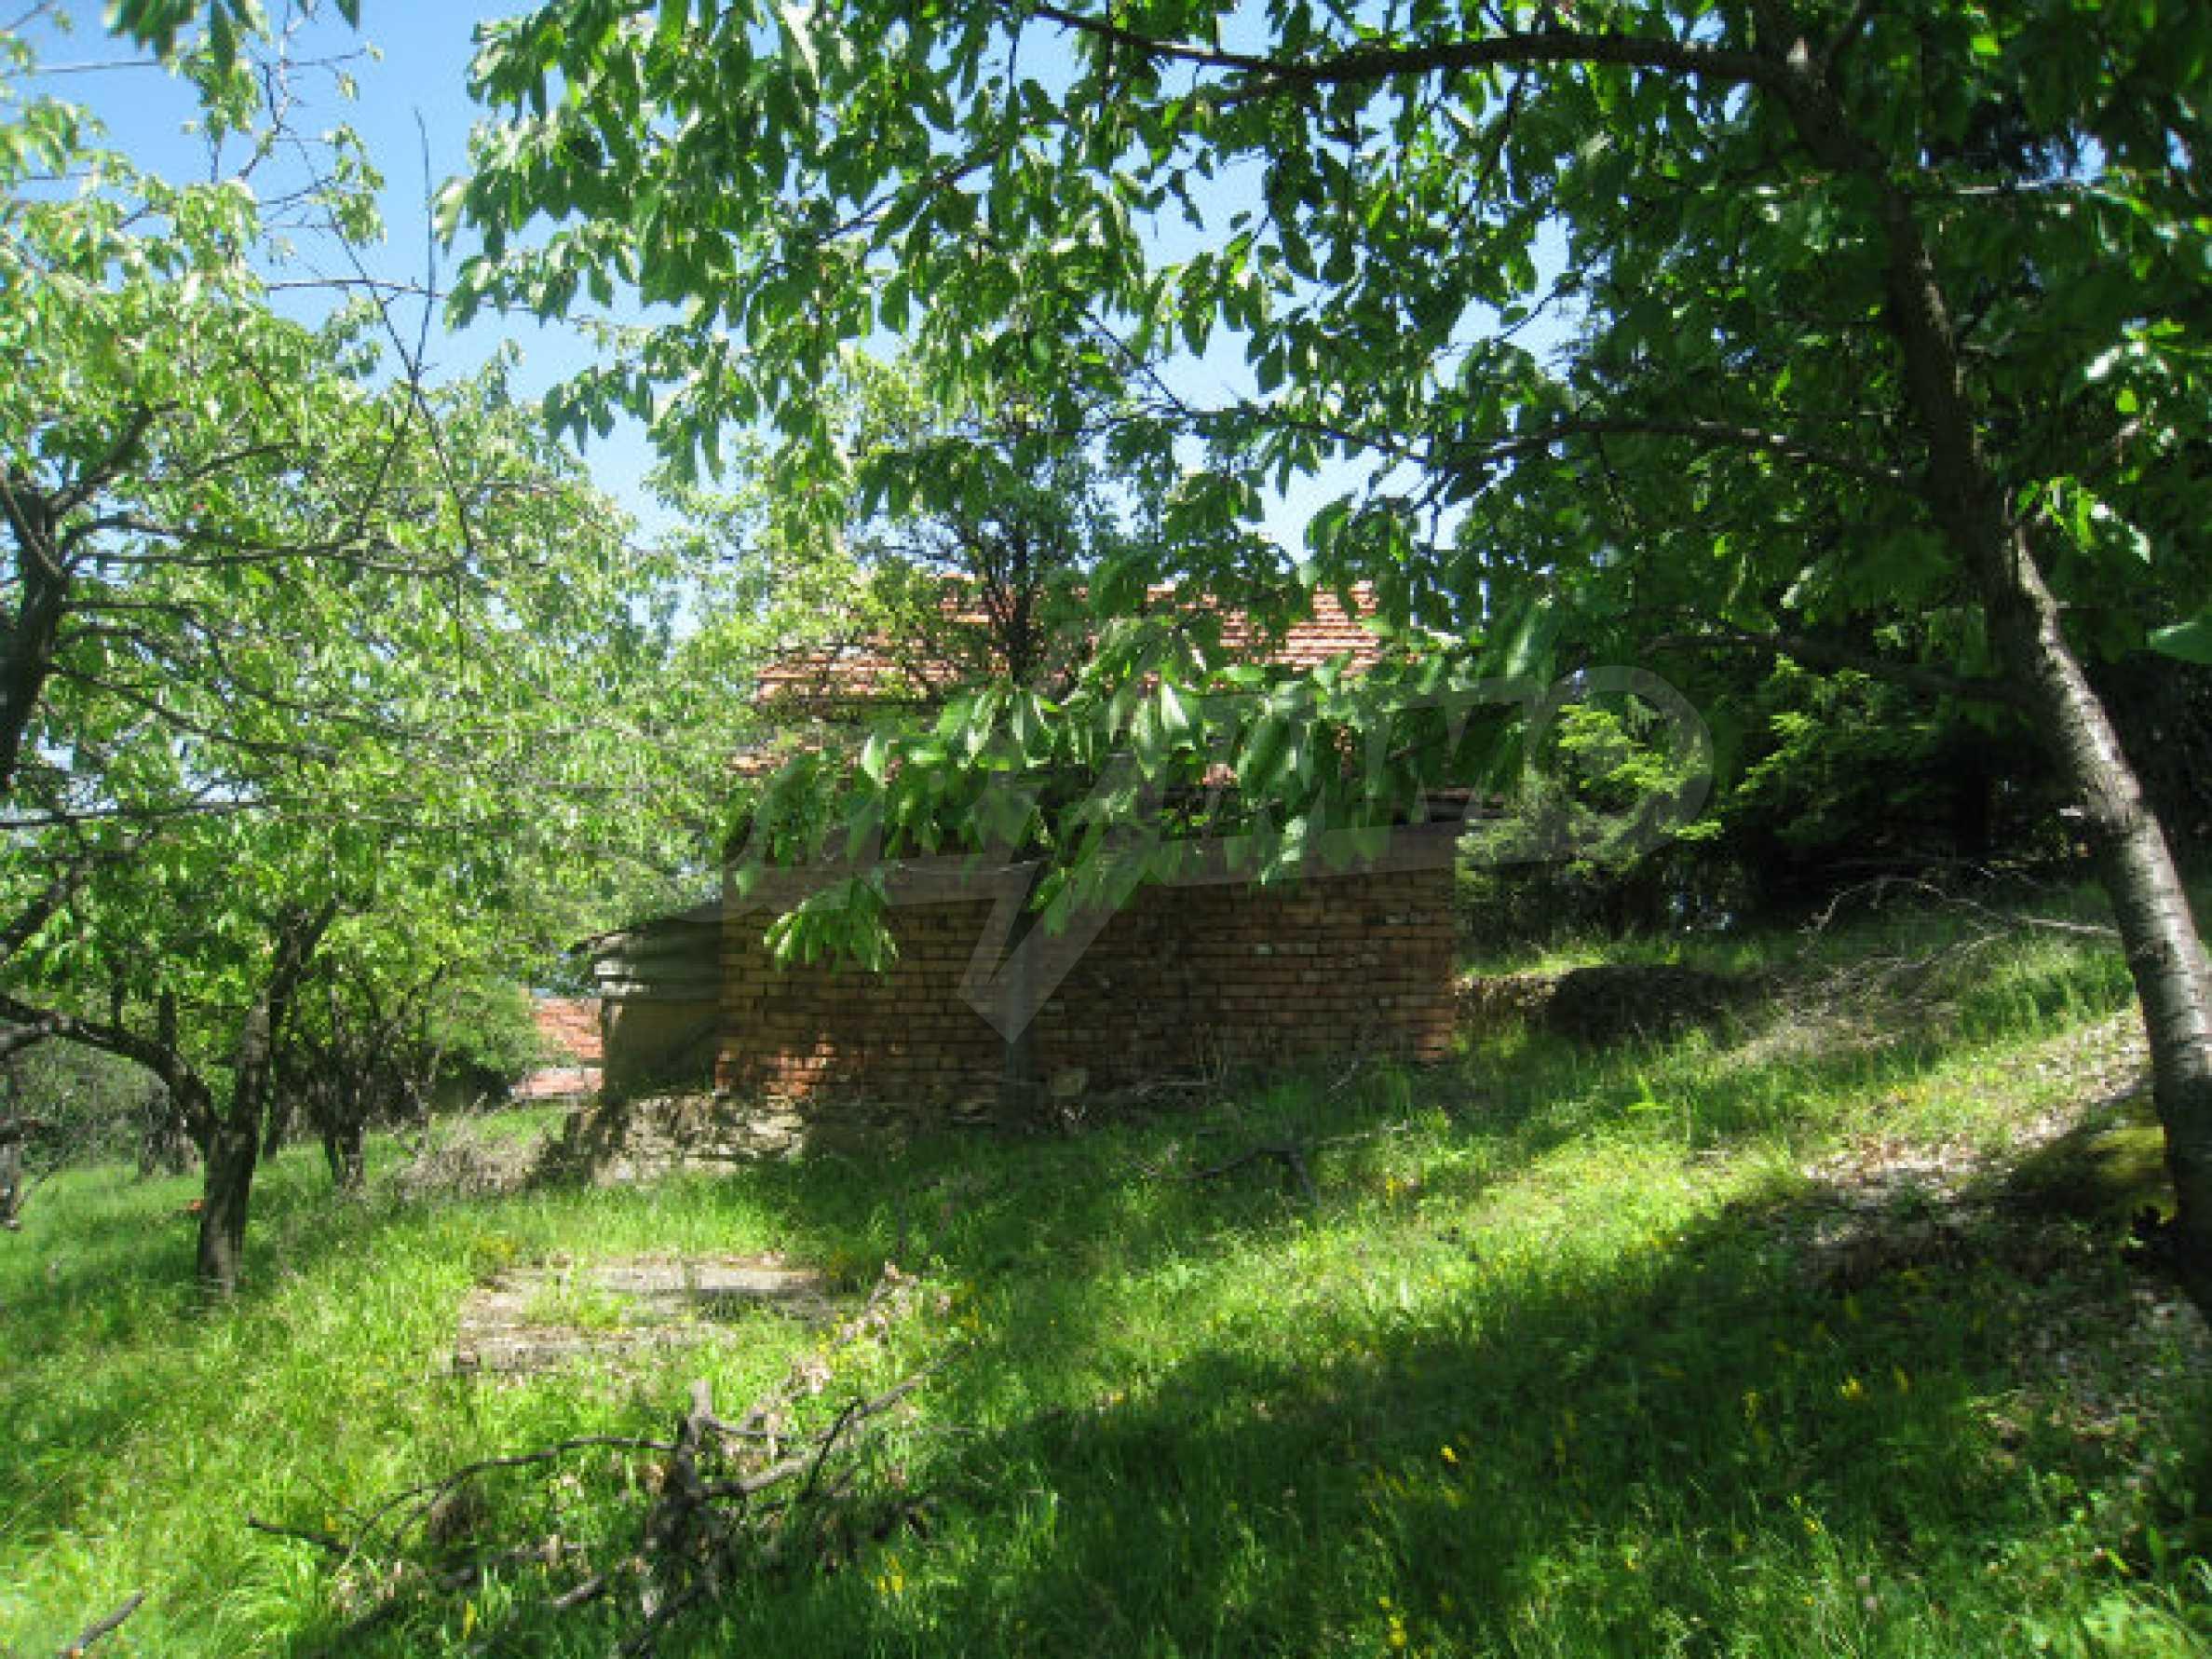 Grundstück zum Verkauf in der Villenzone von Svoge 3